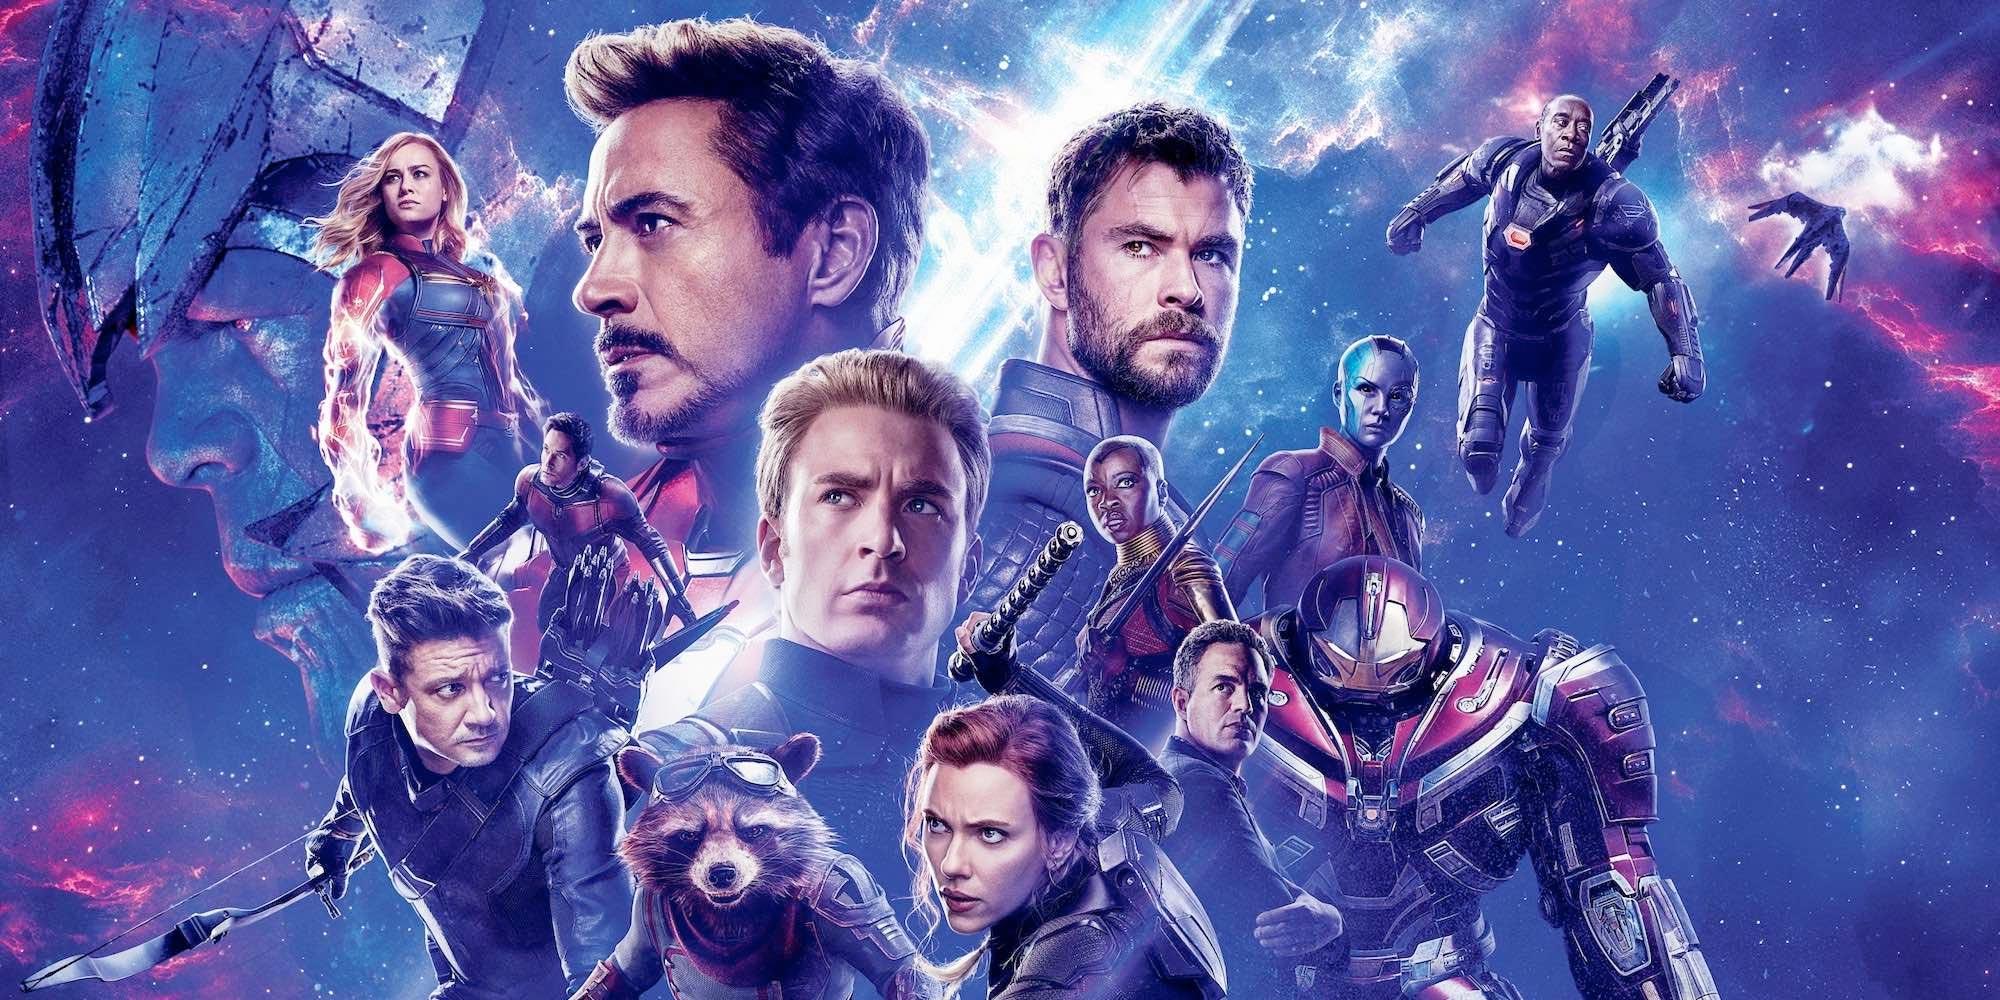 avengers endgame blu-ray, dvd & digital release dates revealed /film